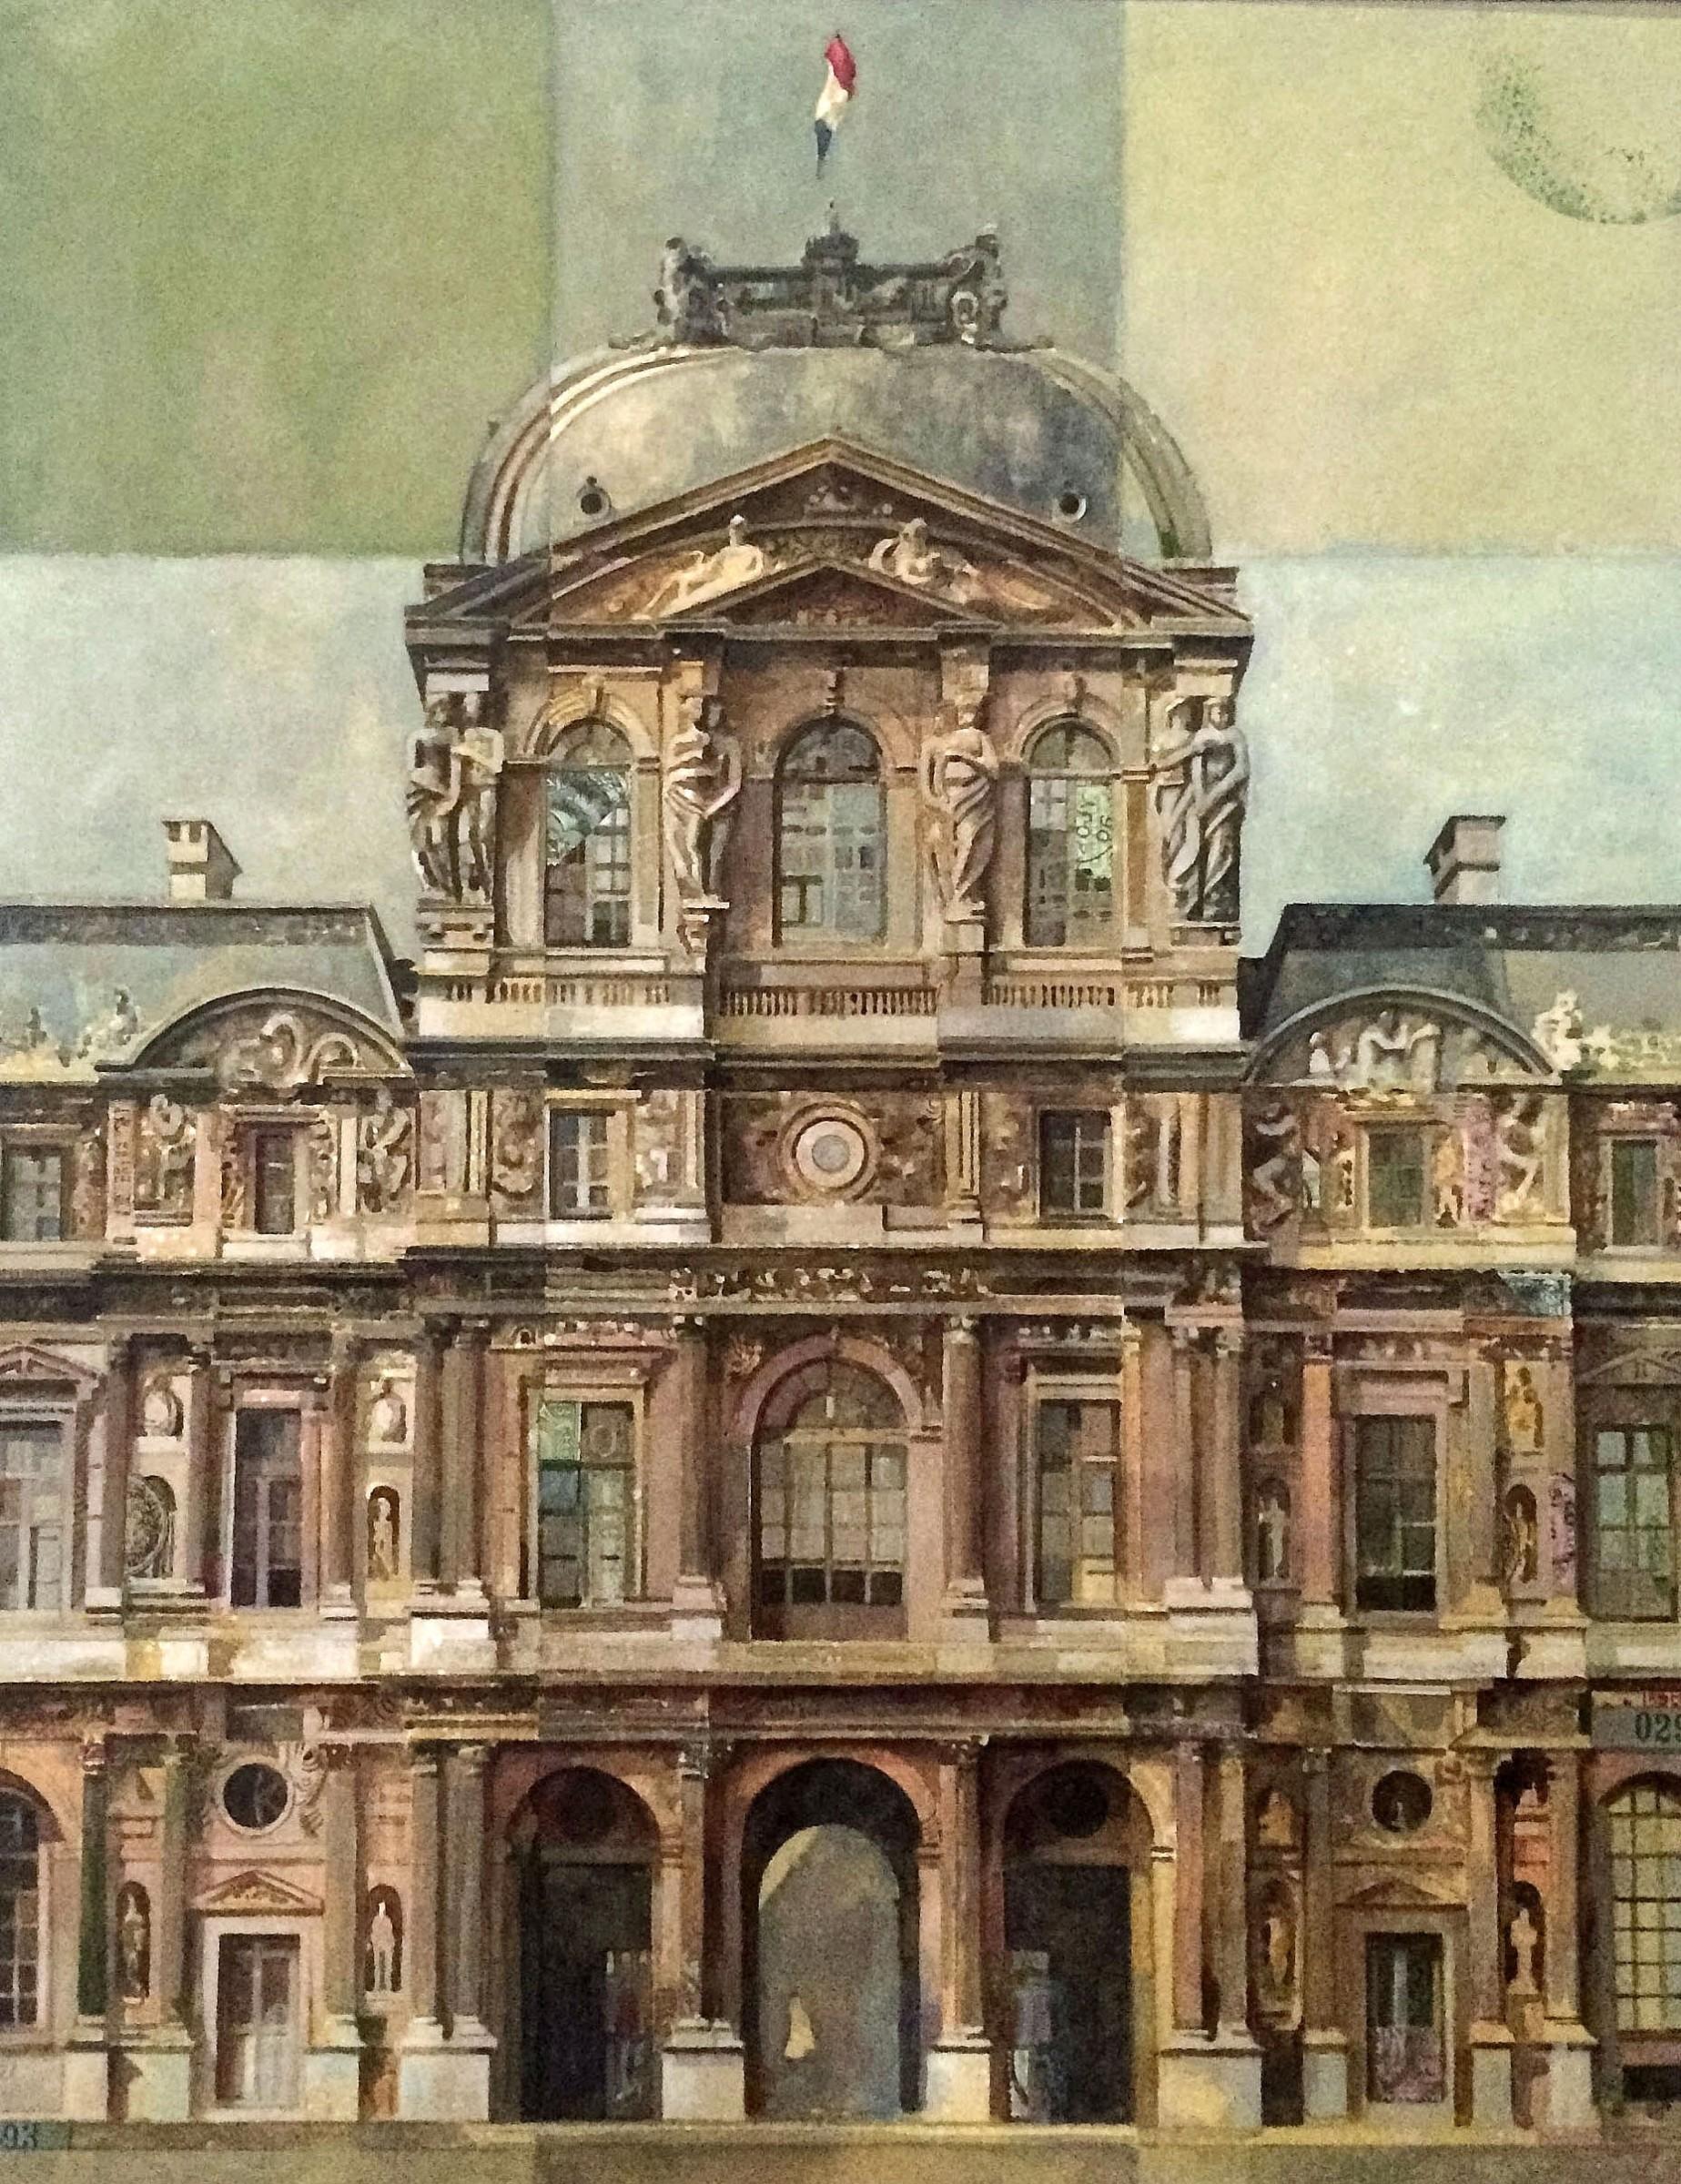 <span class=&#34;link fancybox-details-link&#34;><a href=&#34;/exhibitions/24/works/artworks_standalone10790/&#34;>View Detail Page</a></span><div class=&#34;artist&#34;><span class=&#34;artist&#34;><strong>Stuart Robertson</strong></span></div><div class=&#34;title&#34;><em>Pavillon Sully du Louvre</em></div><div class=&#34;medium&#34;>watercolour, gouache & collage</div><div class=&#34;dimensions&#34;>70x60cm</div>